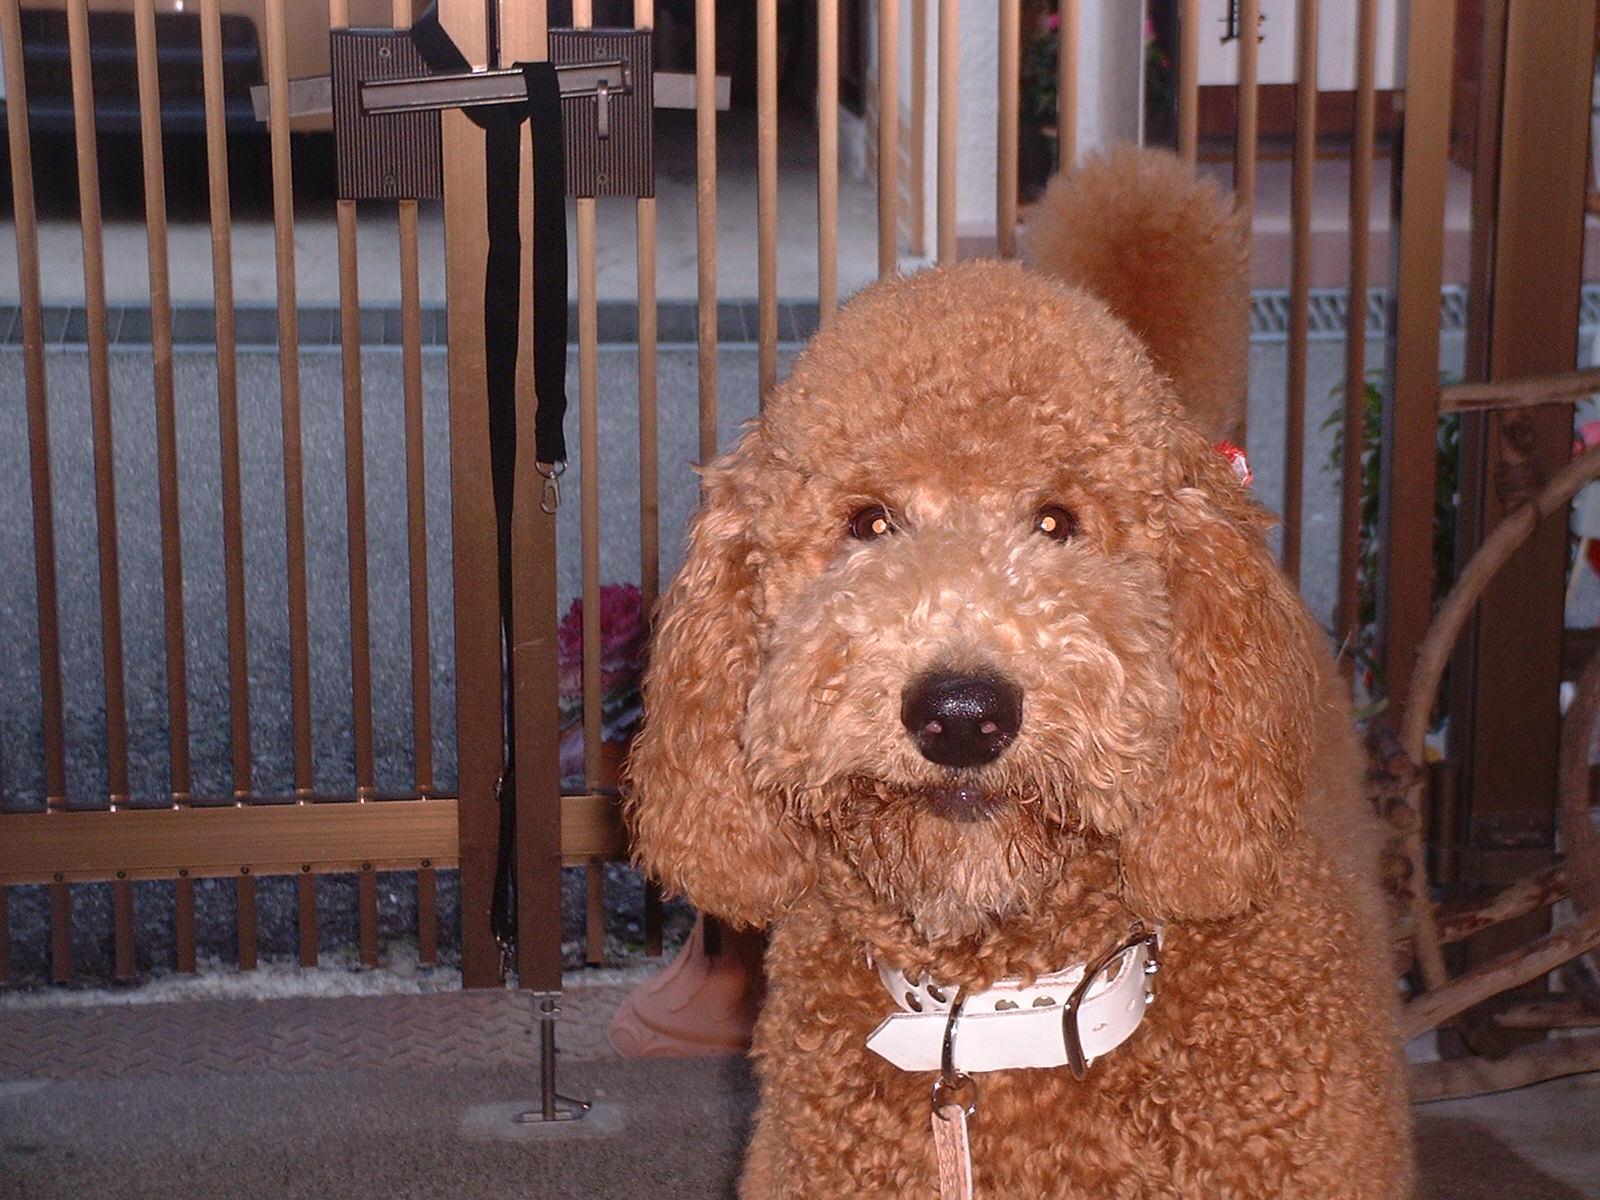 スタンダードプードルのブリーダーの繁殖犬でありペットでもあるスタンダードプードル(毛色はレッド、アプリコット)の写真8